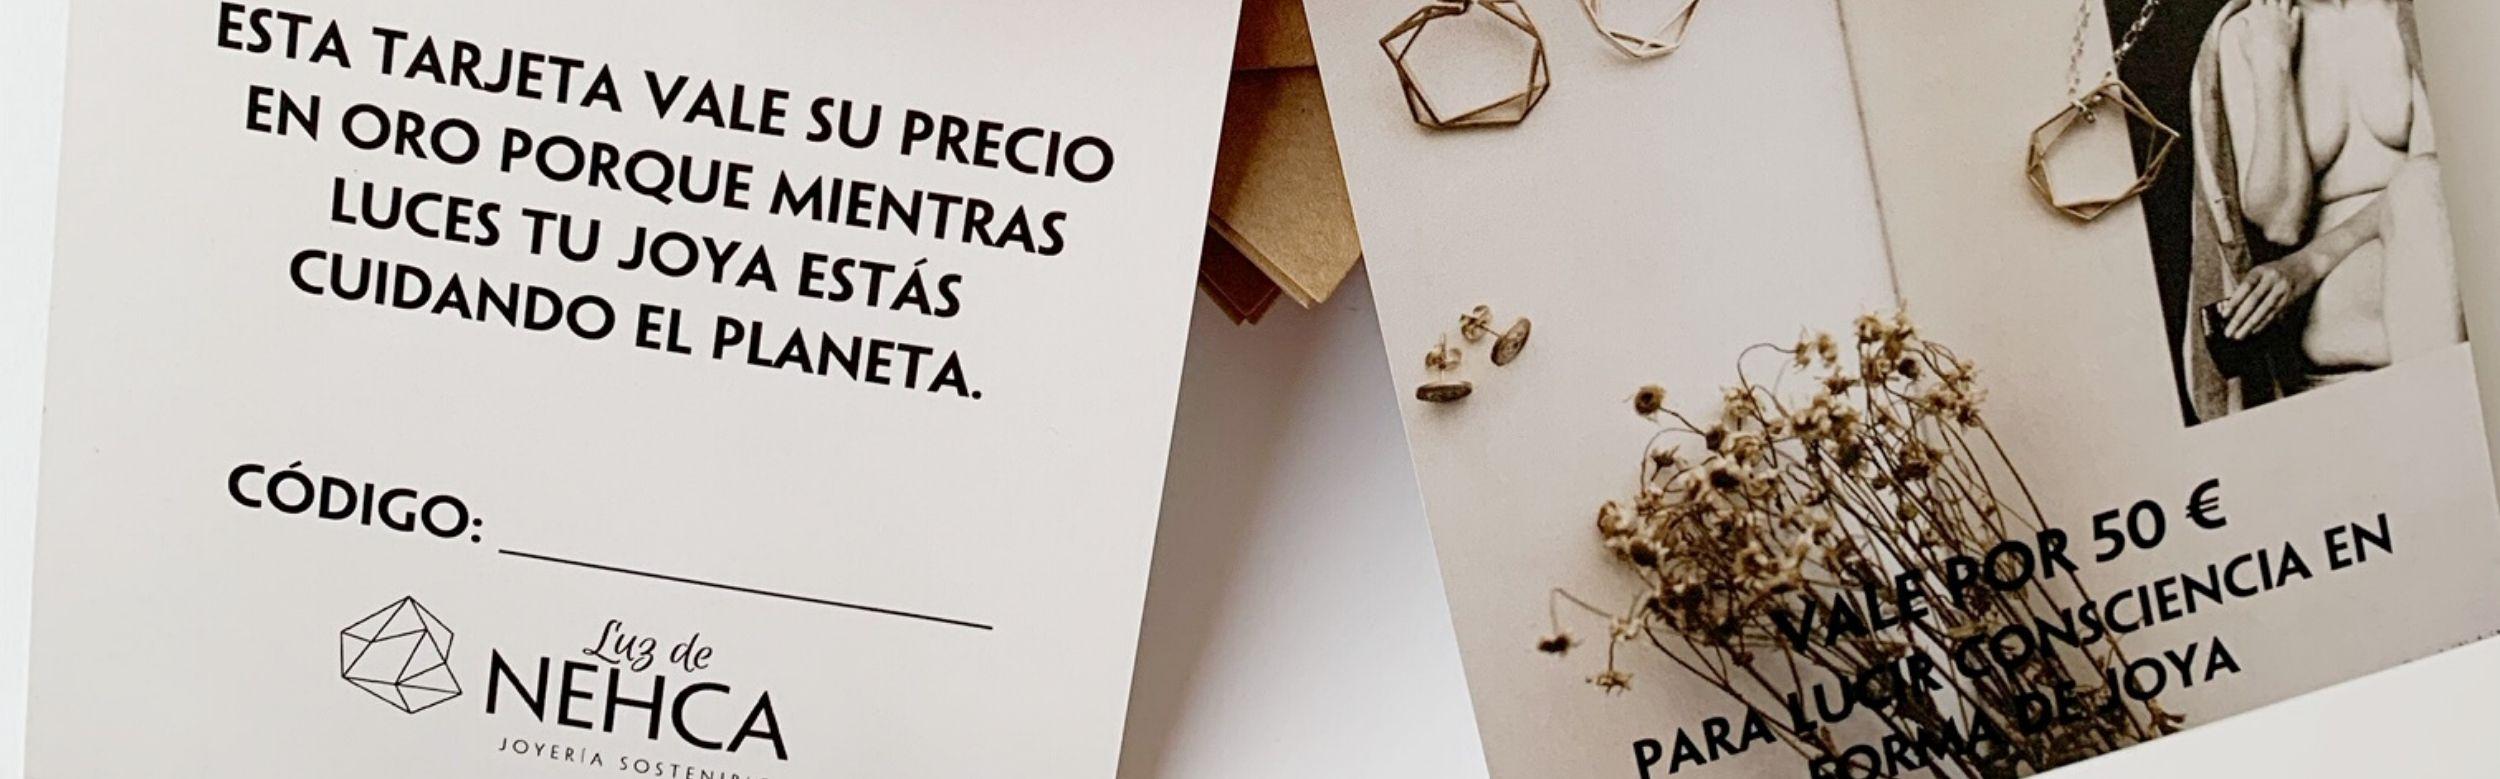 Tarjetas-regalo-joyería-Luz-de-Nehca_banner